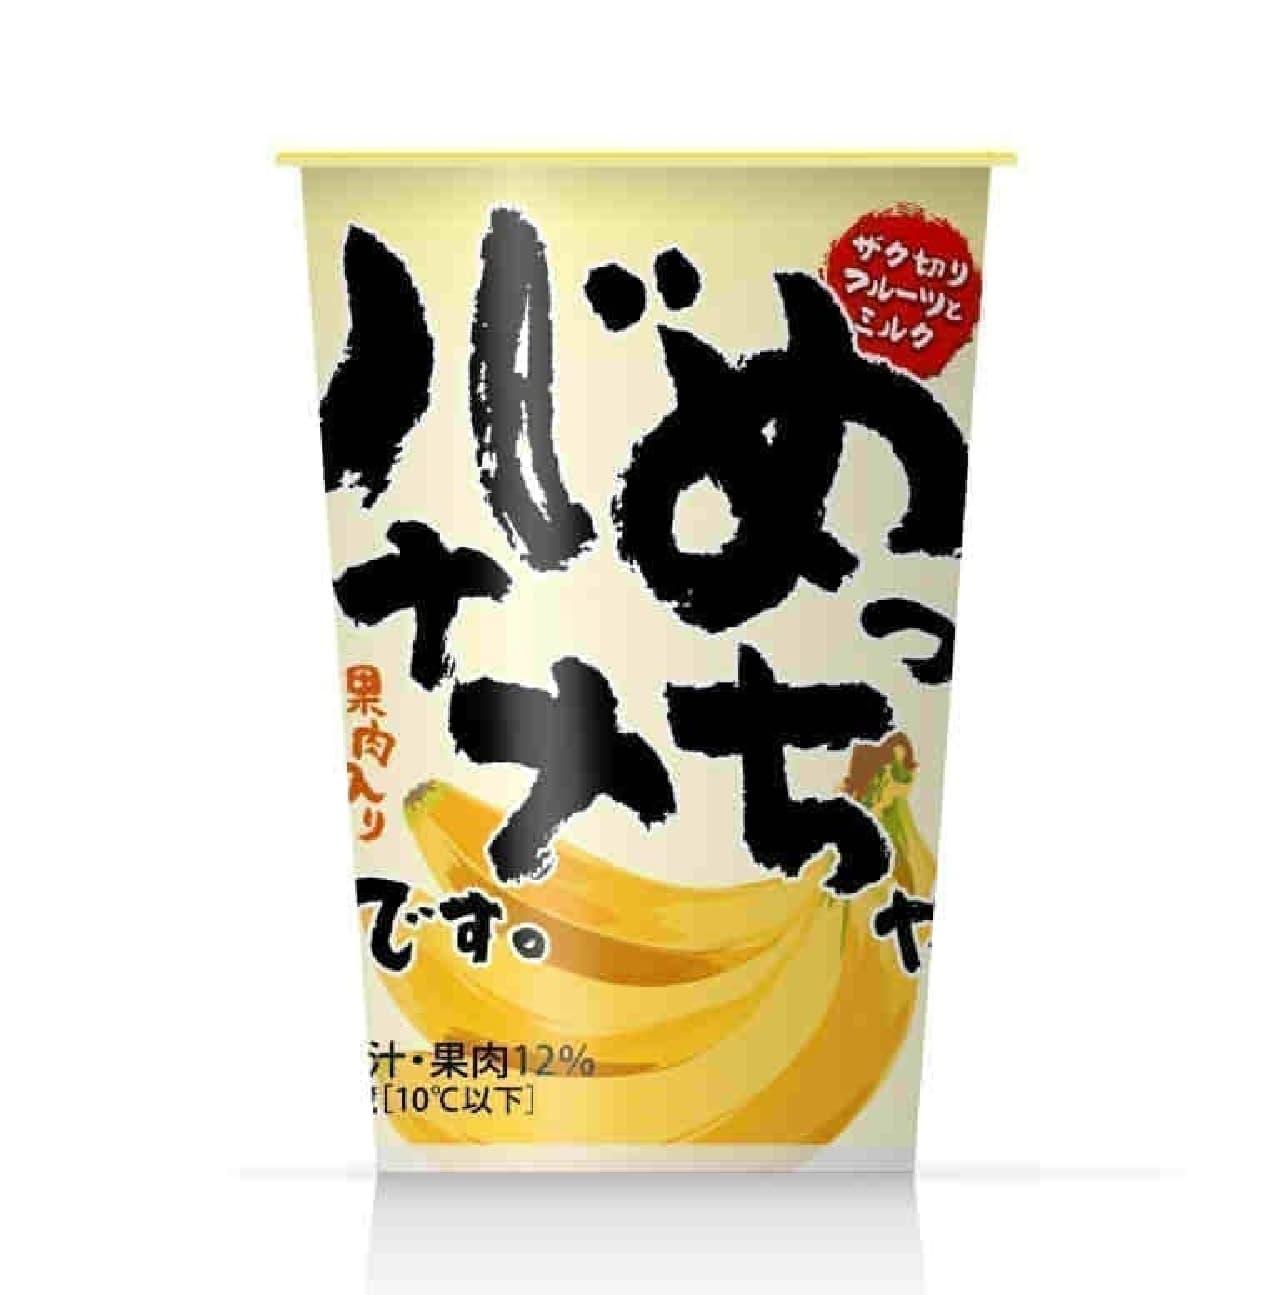 ファミマめっちゃバナナです。